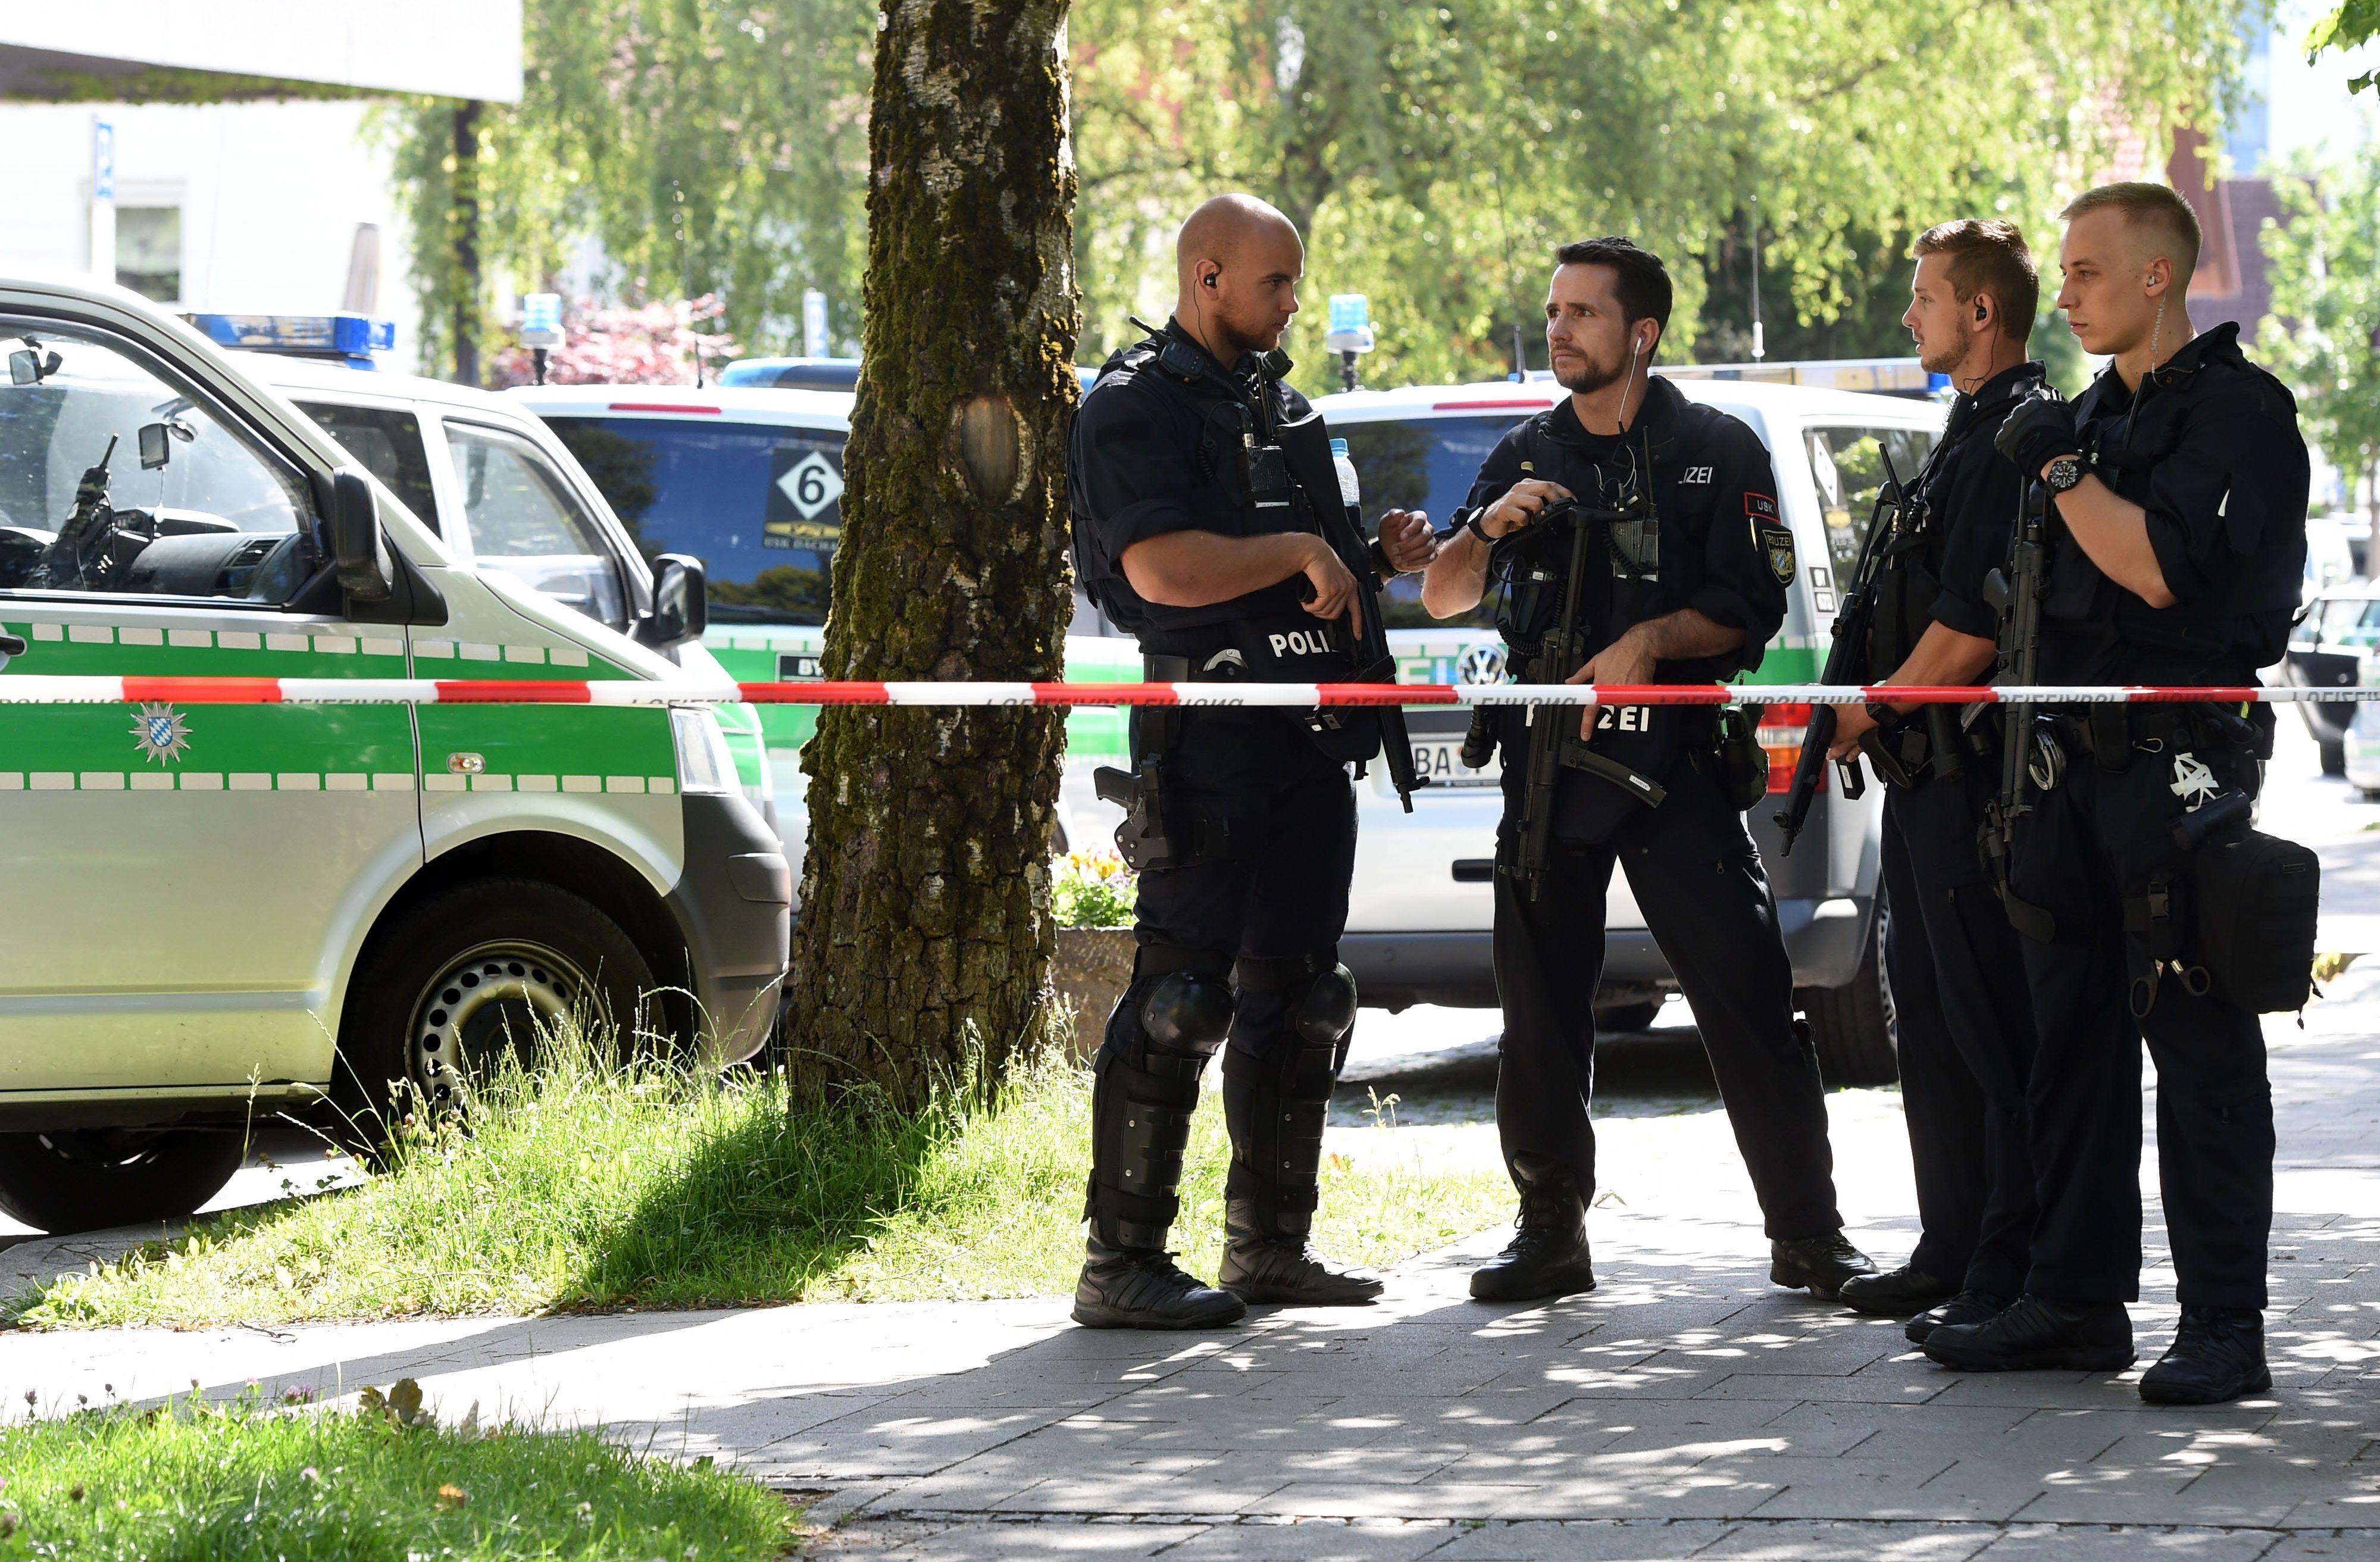 Vários feridos e um detido após tiroteio em Munique